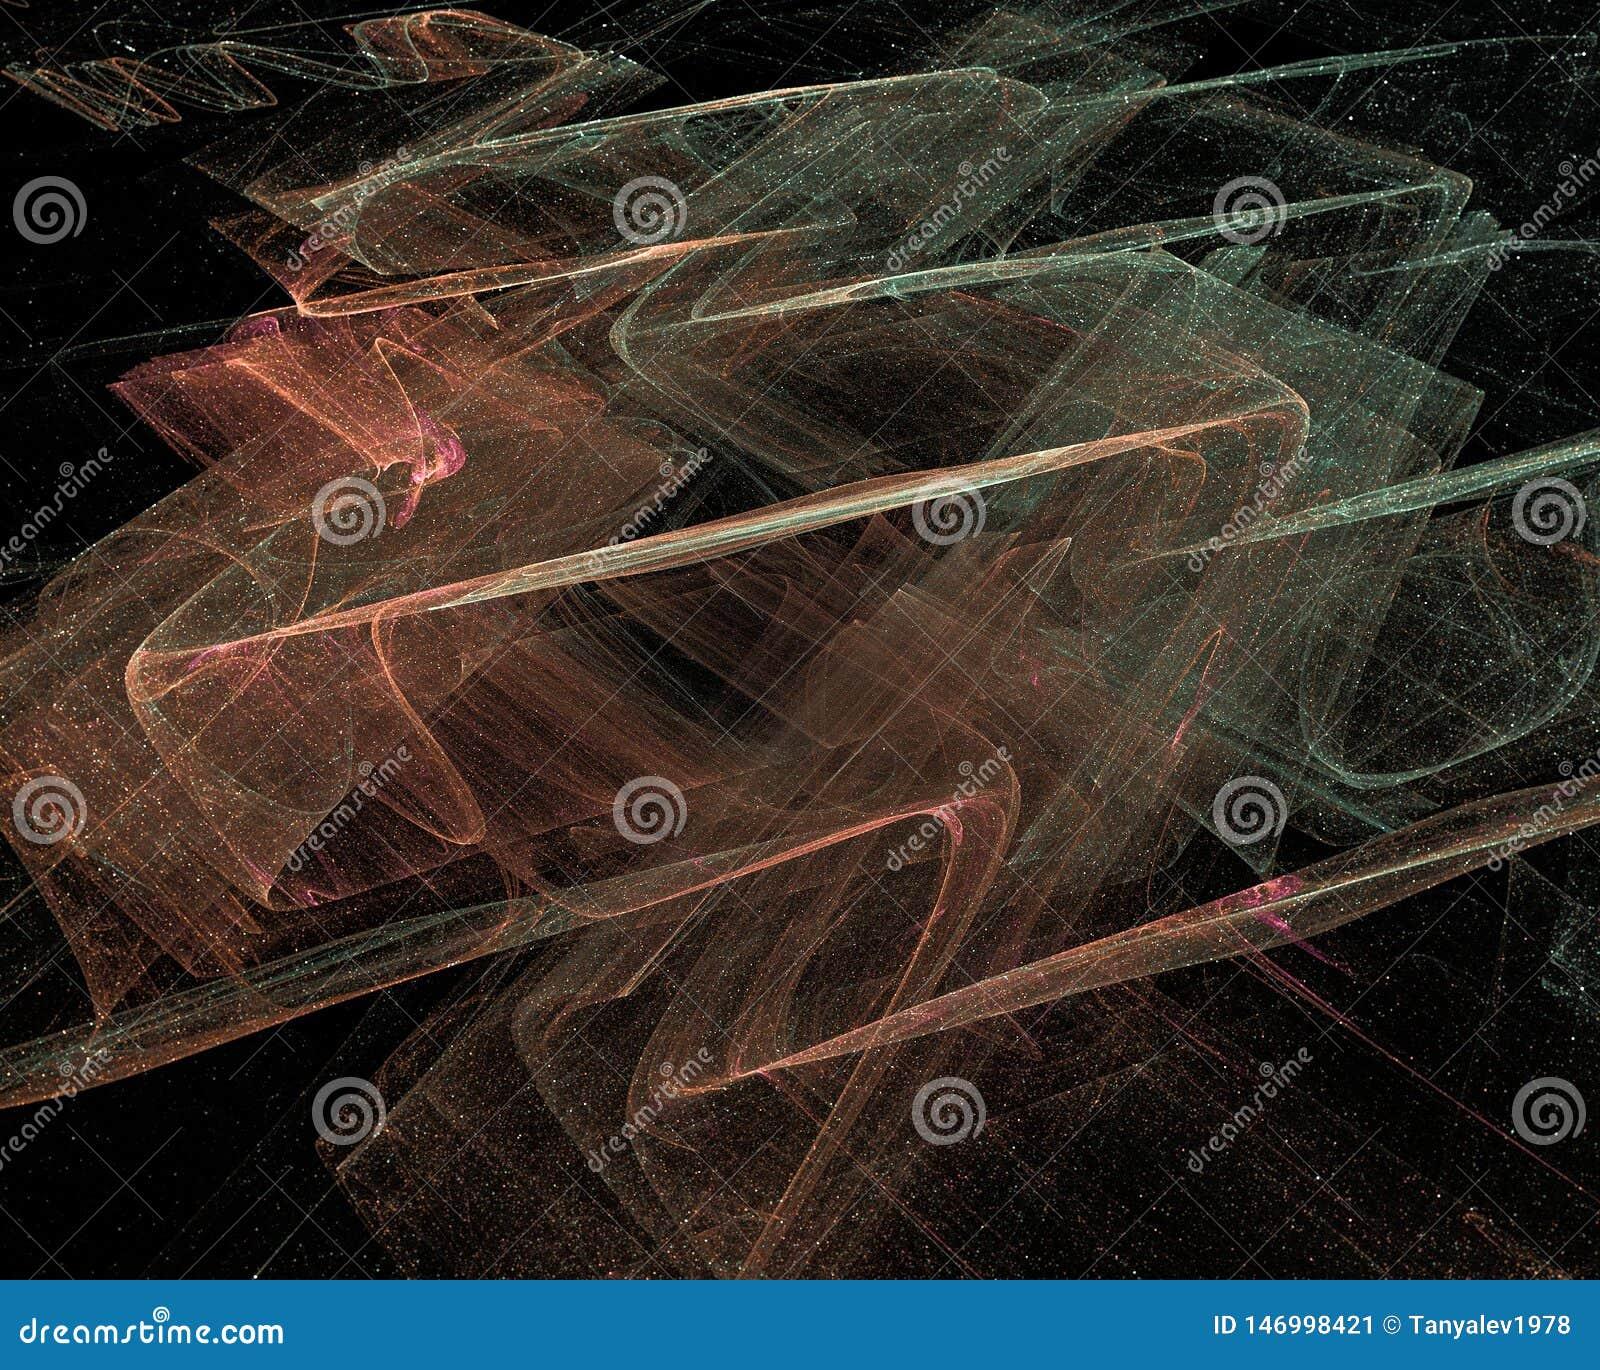 抽象数字分数维科学意想不到的未来派幻想设计背景动力学